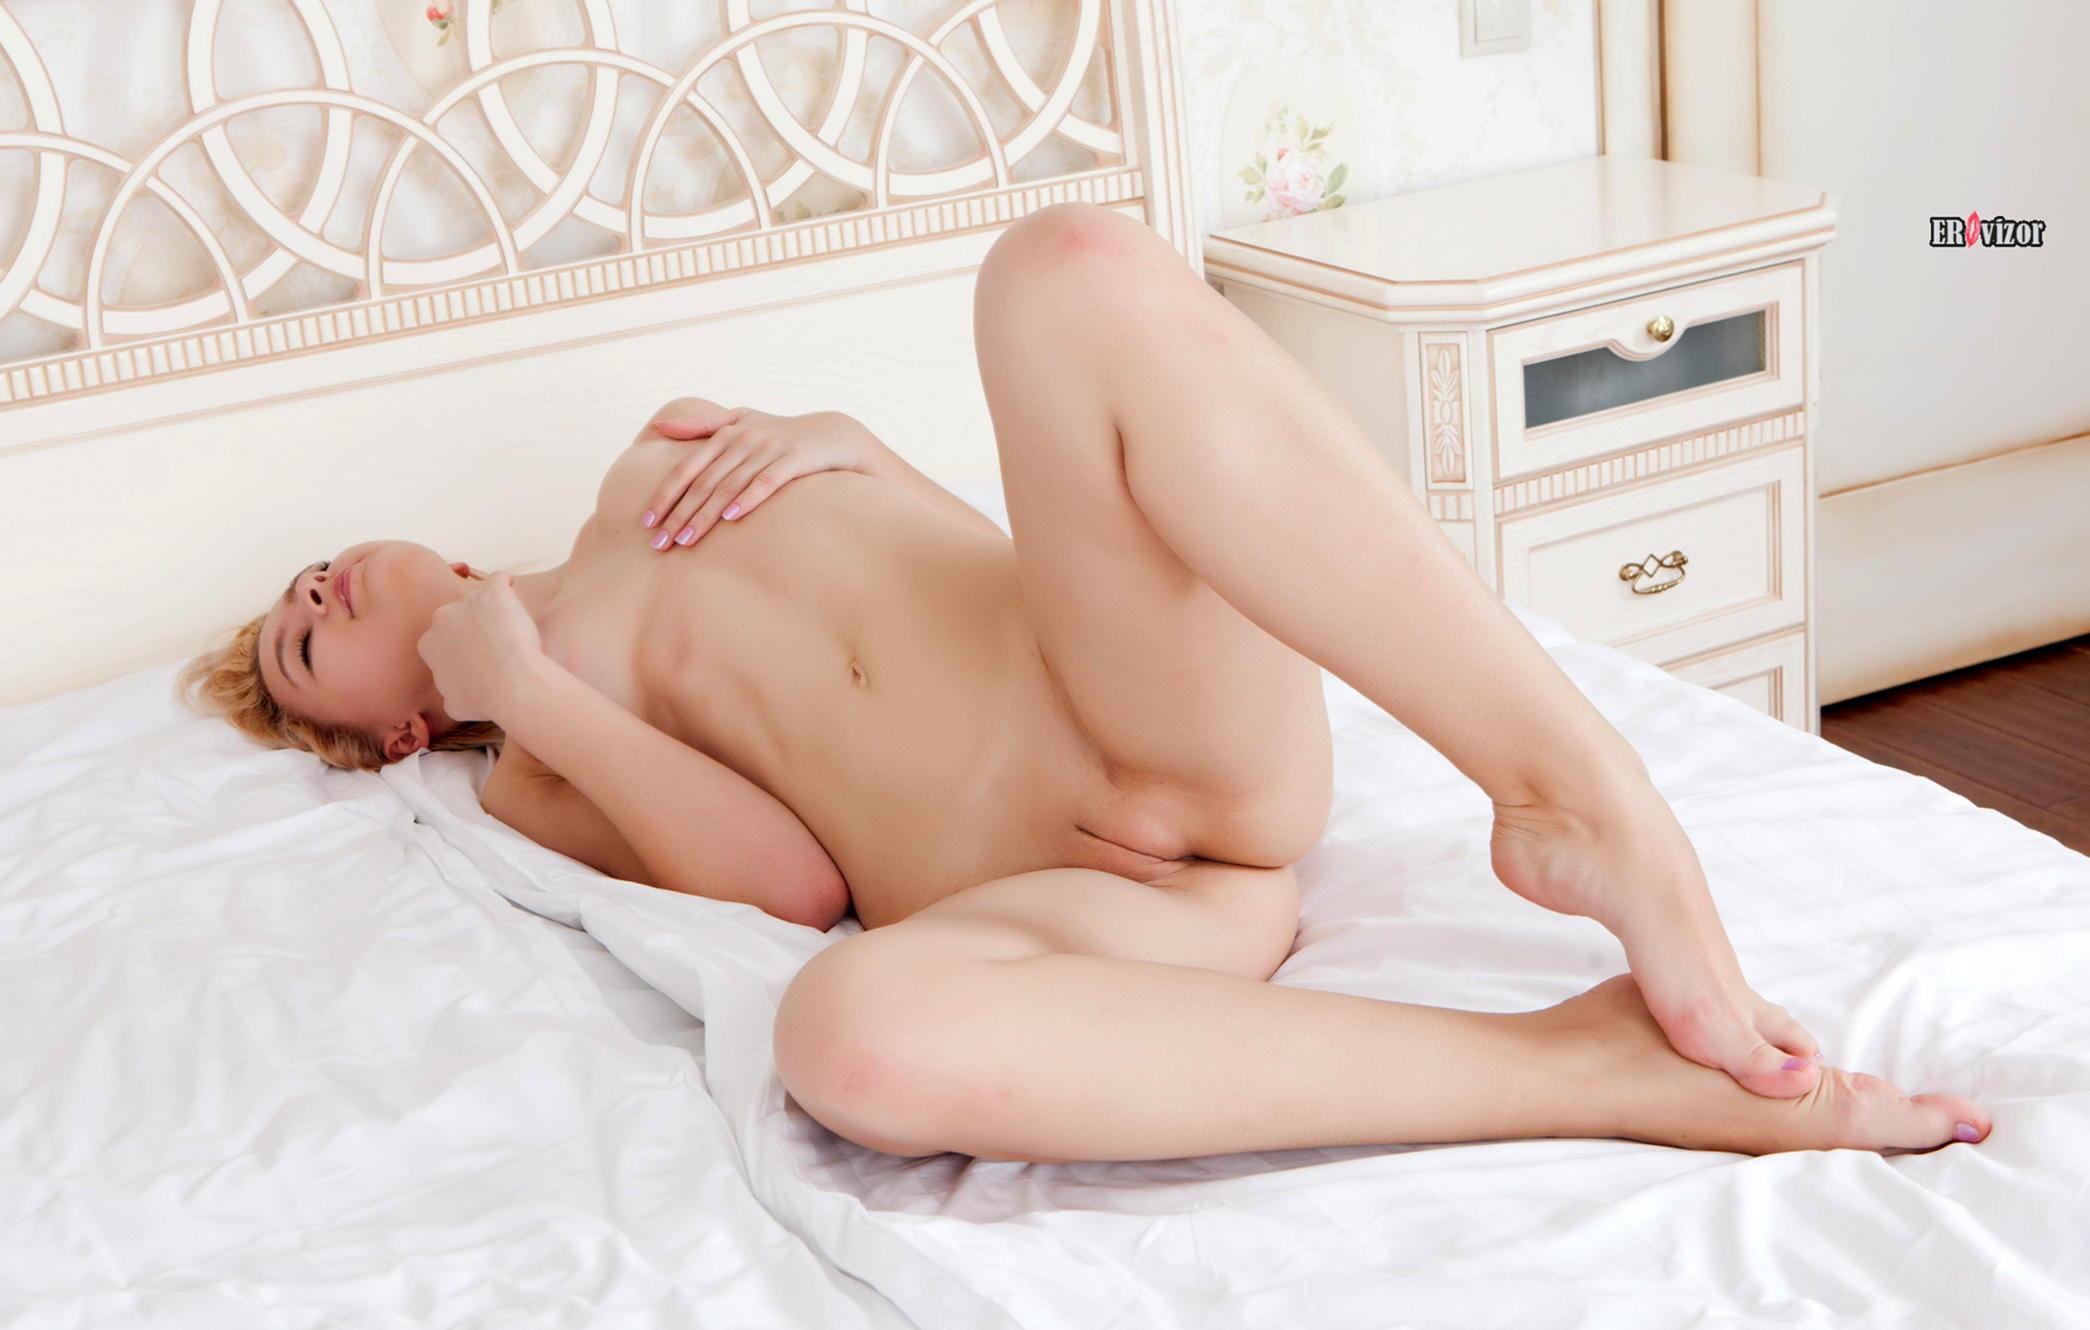 Фото сексуальной блондинки с гладкой писькой в постели